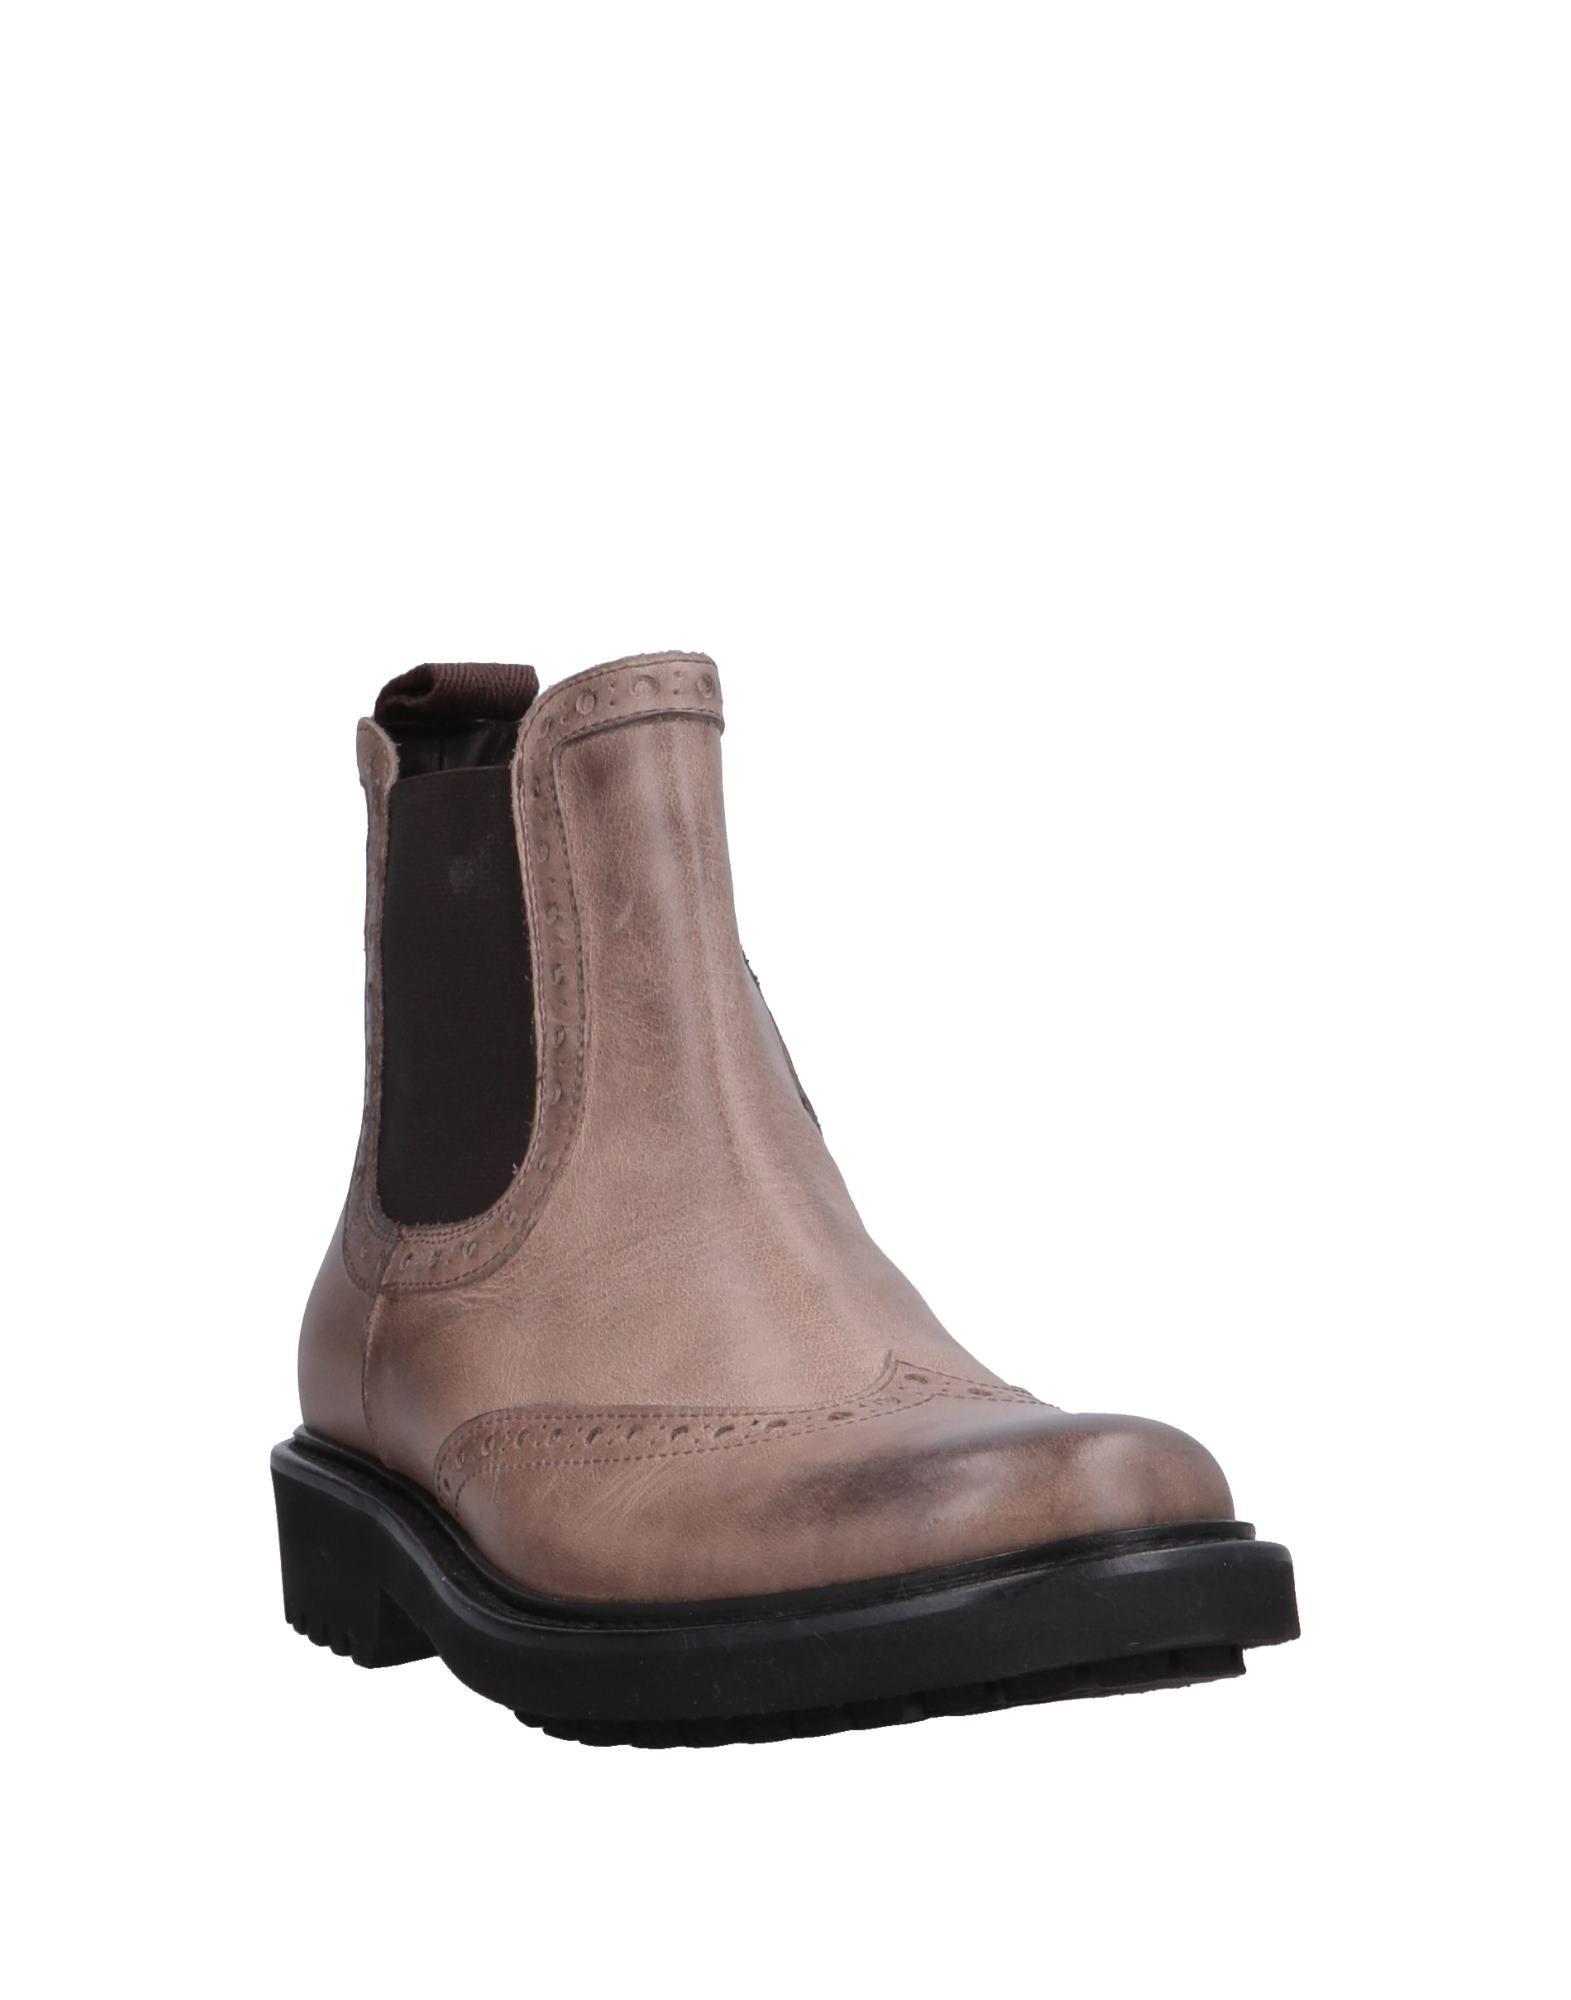 Stilvolle billige Schuhe Seboy's 11549447FM Chelsea Boots Damen  11549447FM Seboy's fcbc64